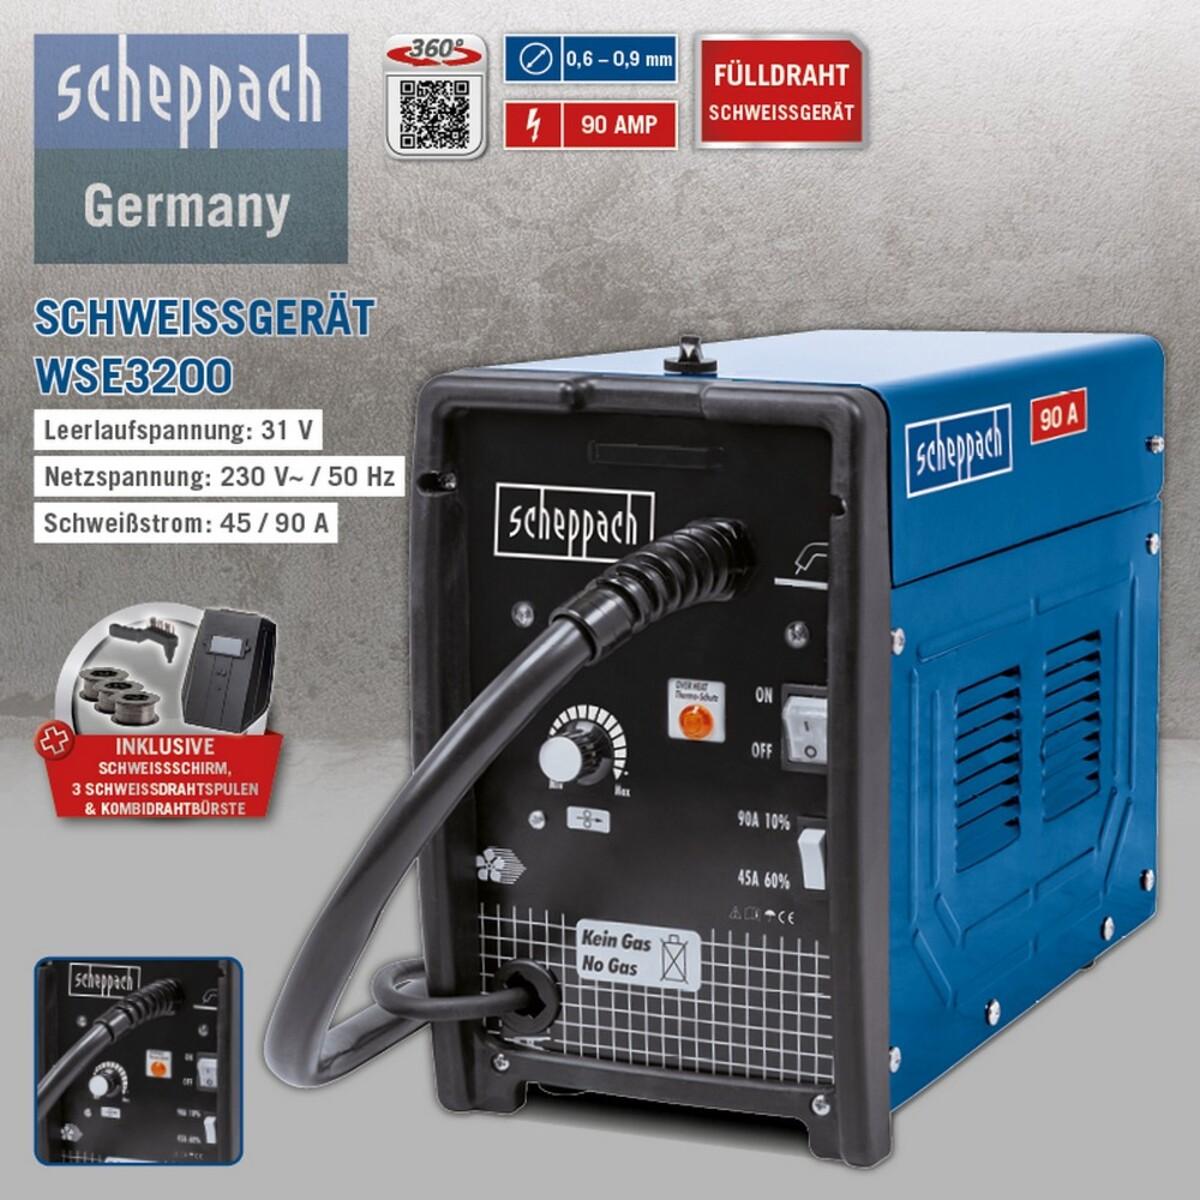 Bild 3 von Scheppach Schweissgerät WSE3200